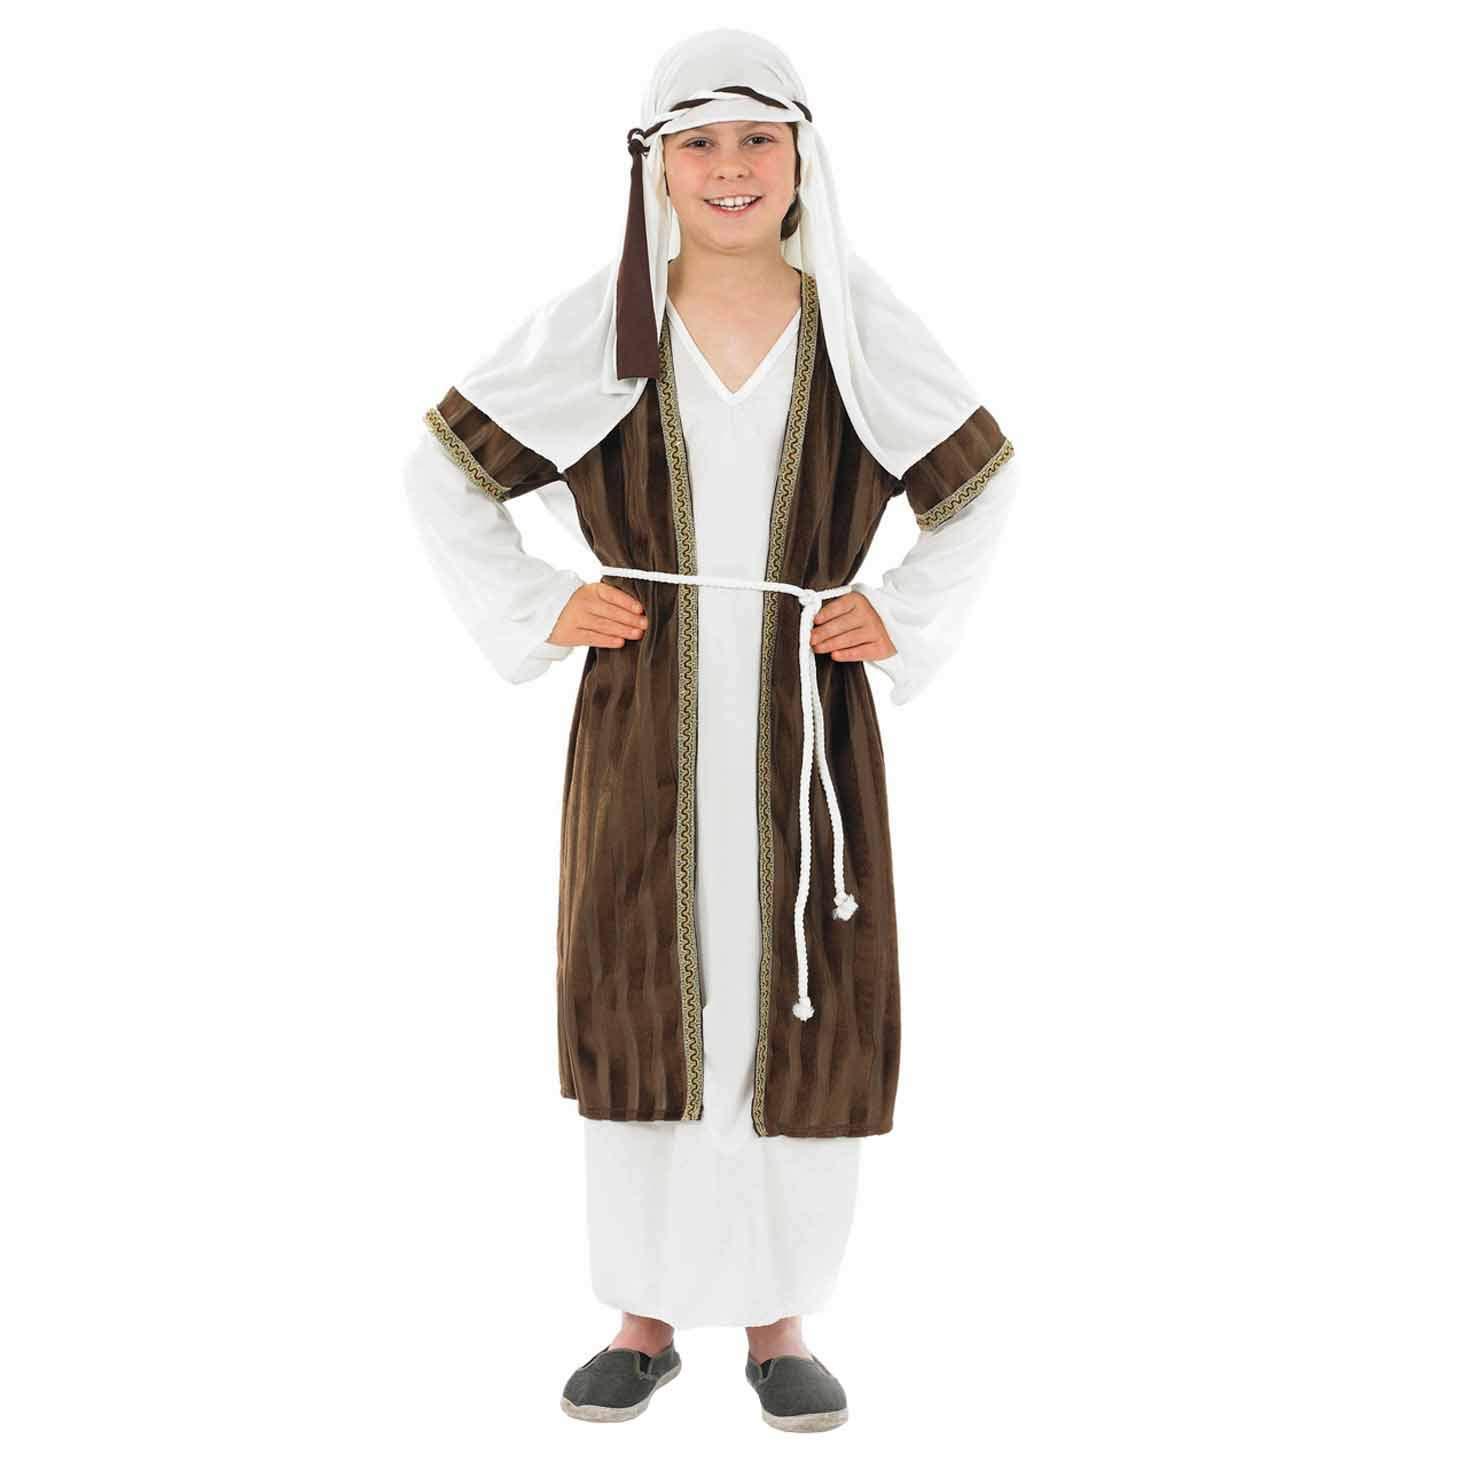 Pastor - Marrón - Niños Disfraz - XL - 148 cm